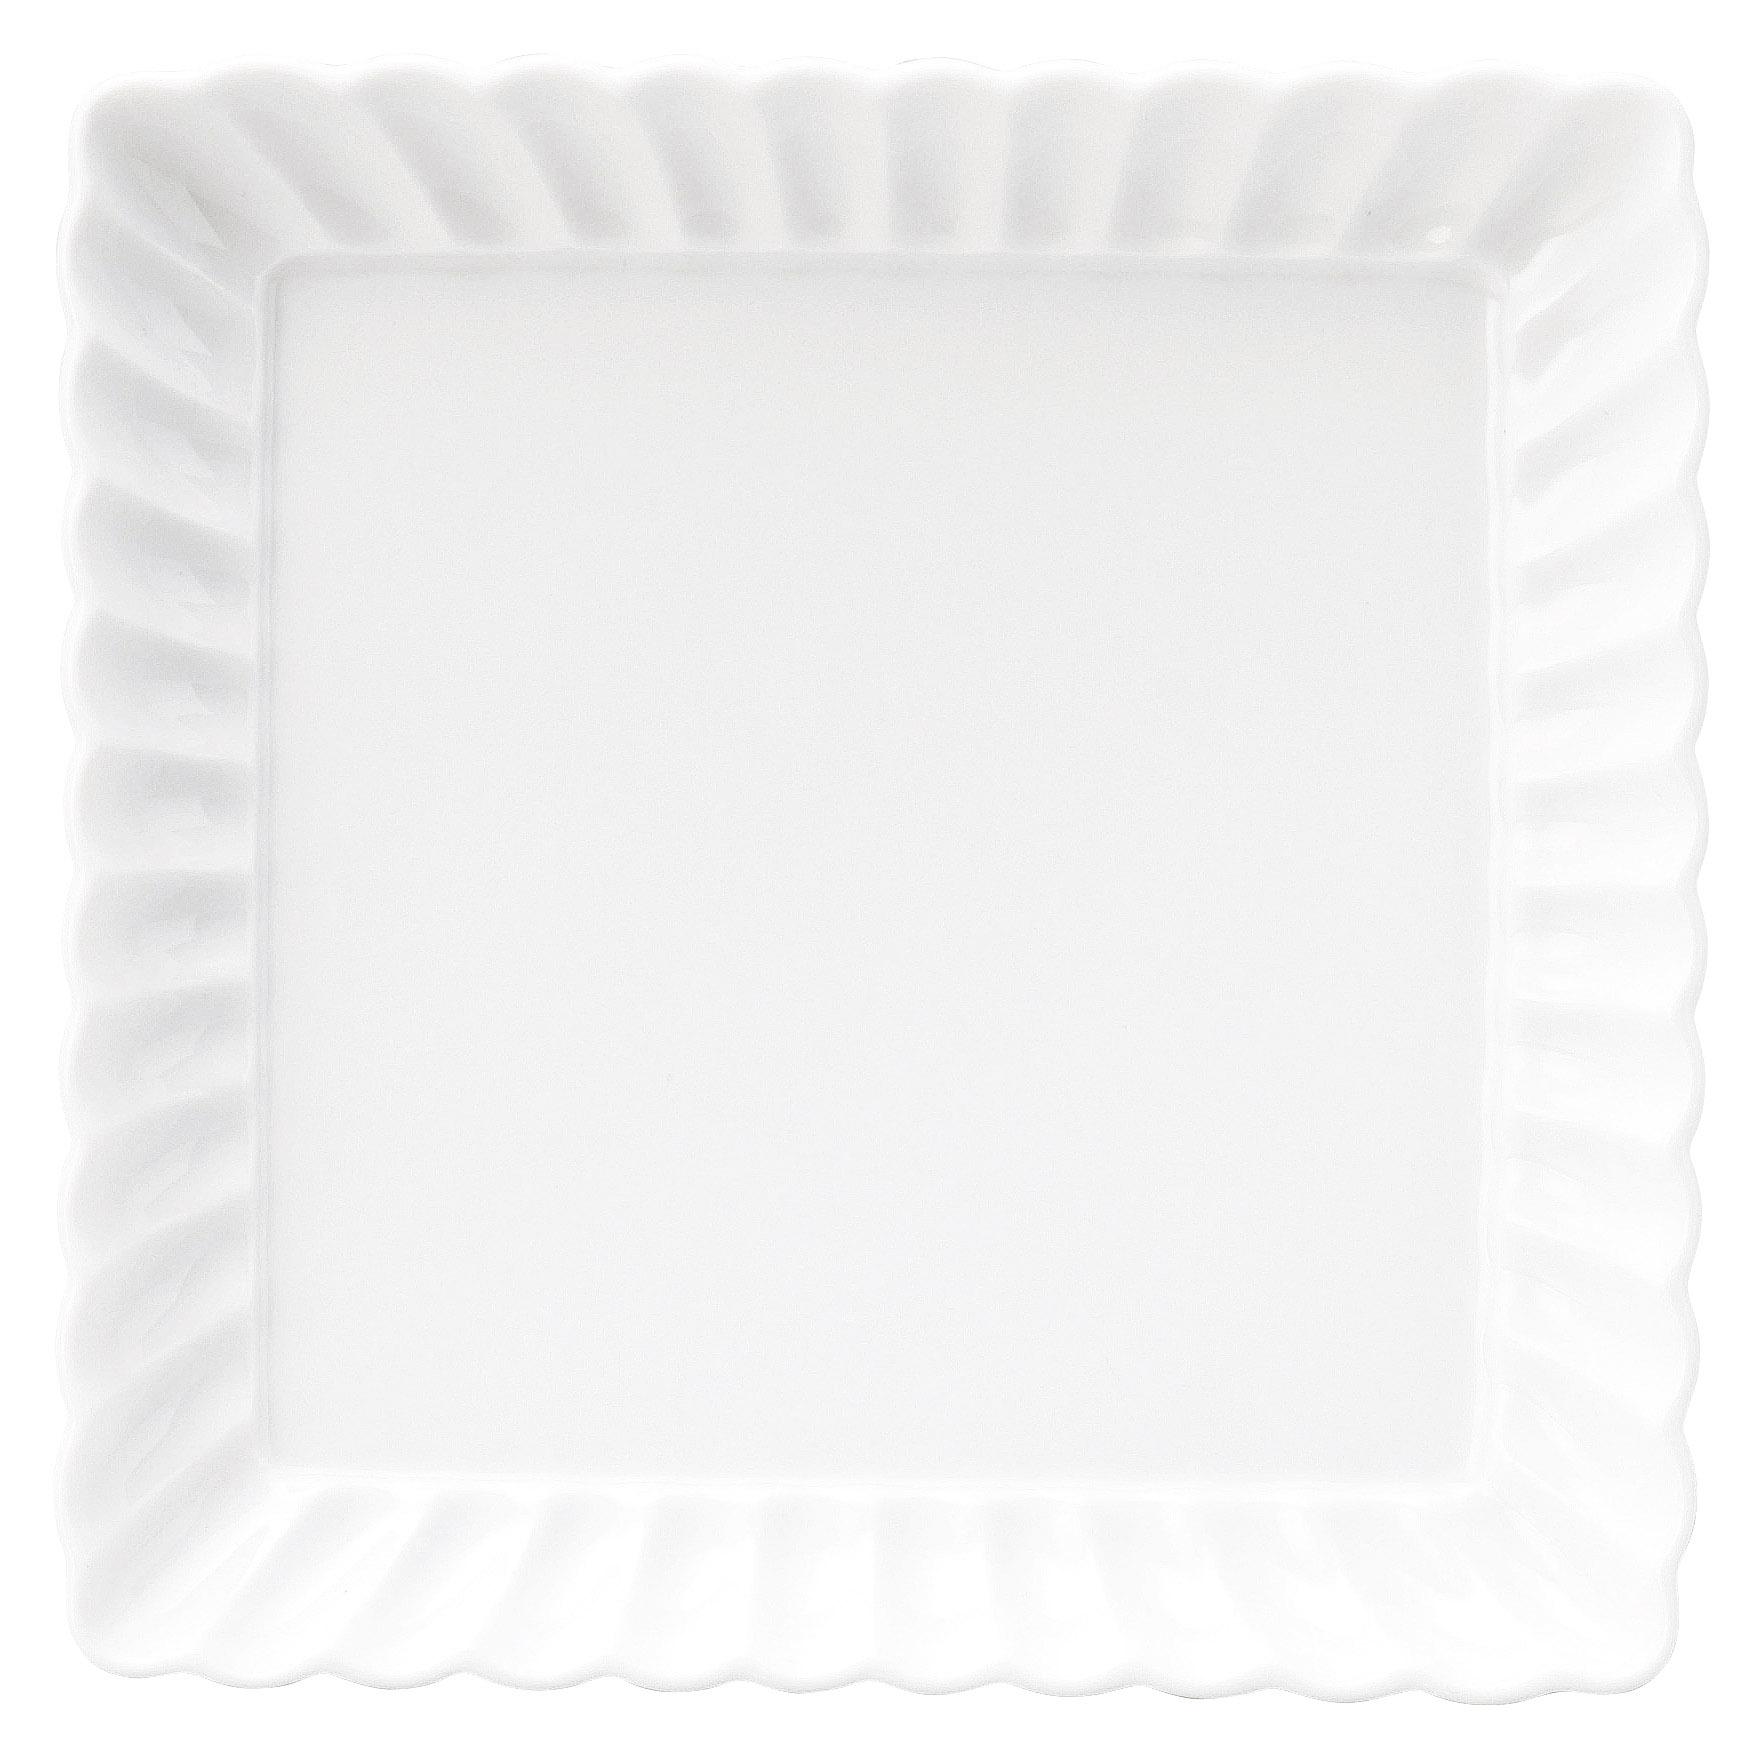 かすみ 白 17cm正角皿